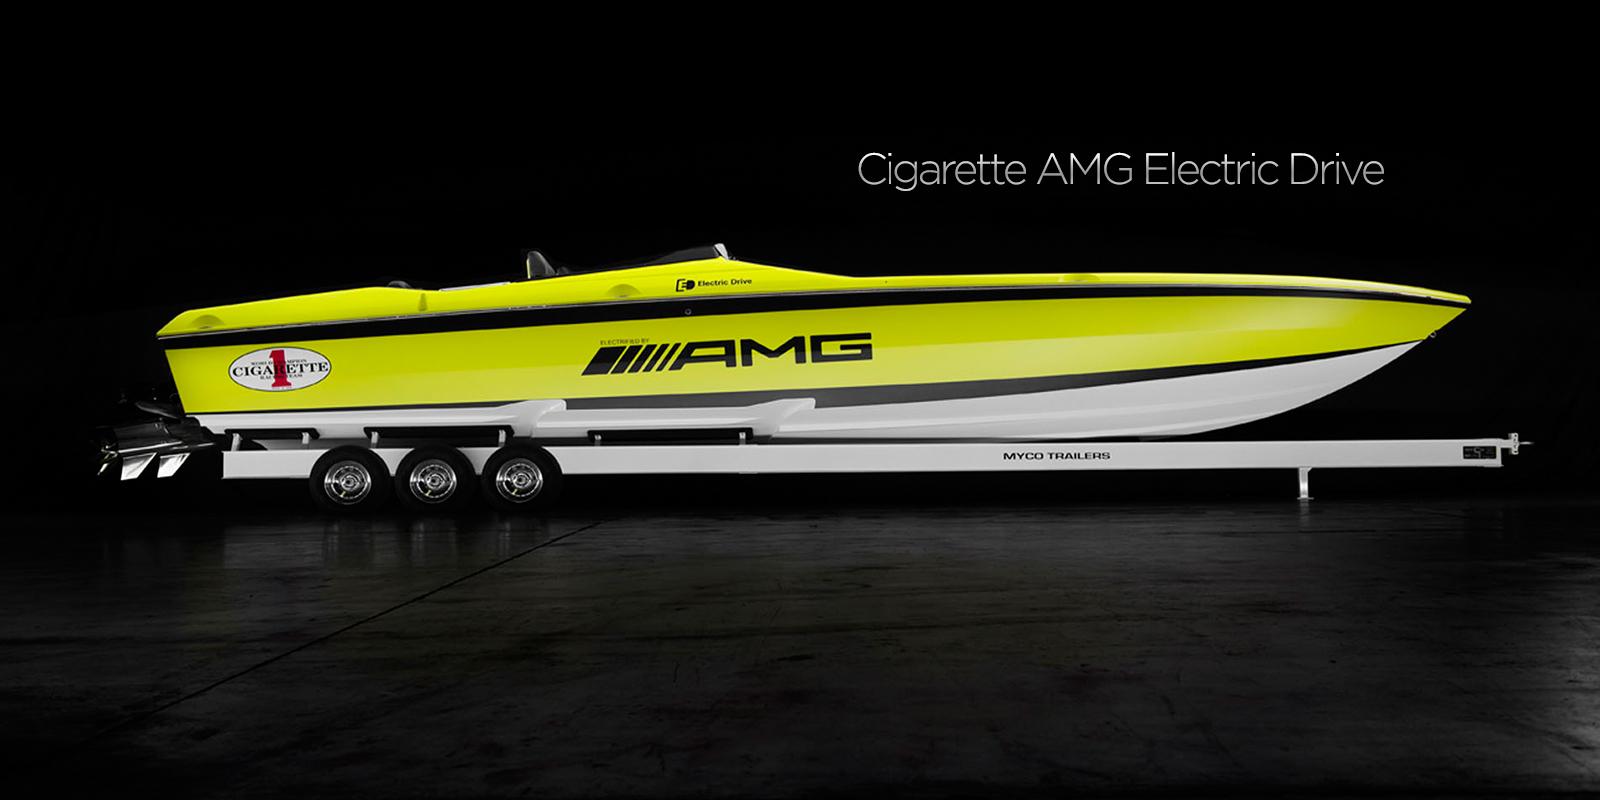 Cigarette AMG Electric Drive Concept - Самые быстрые катера в мире